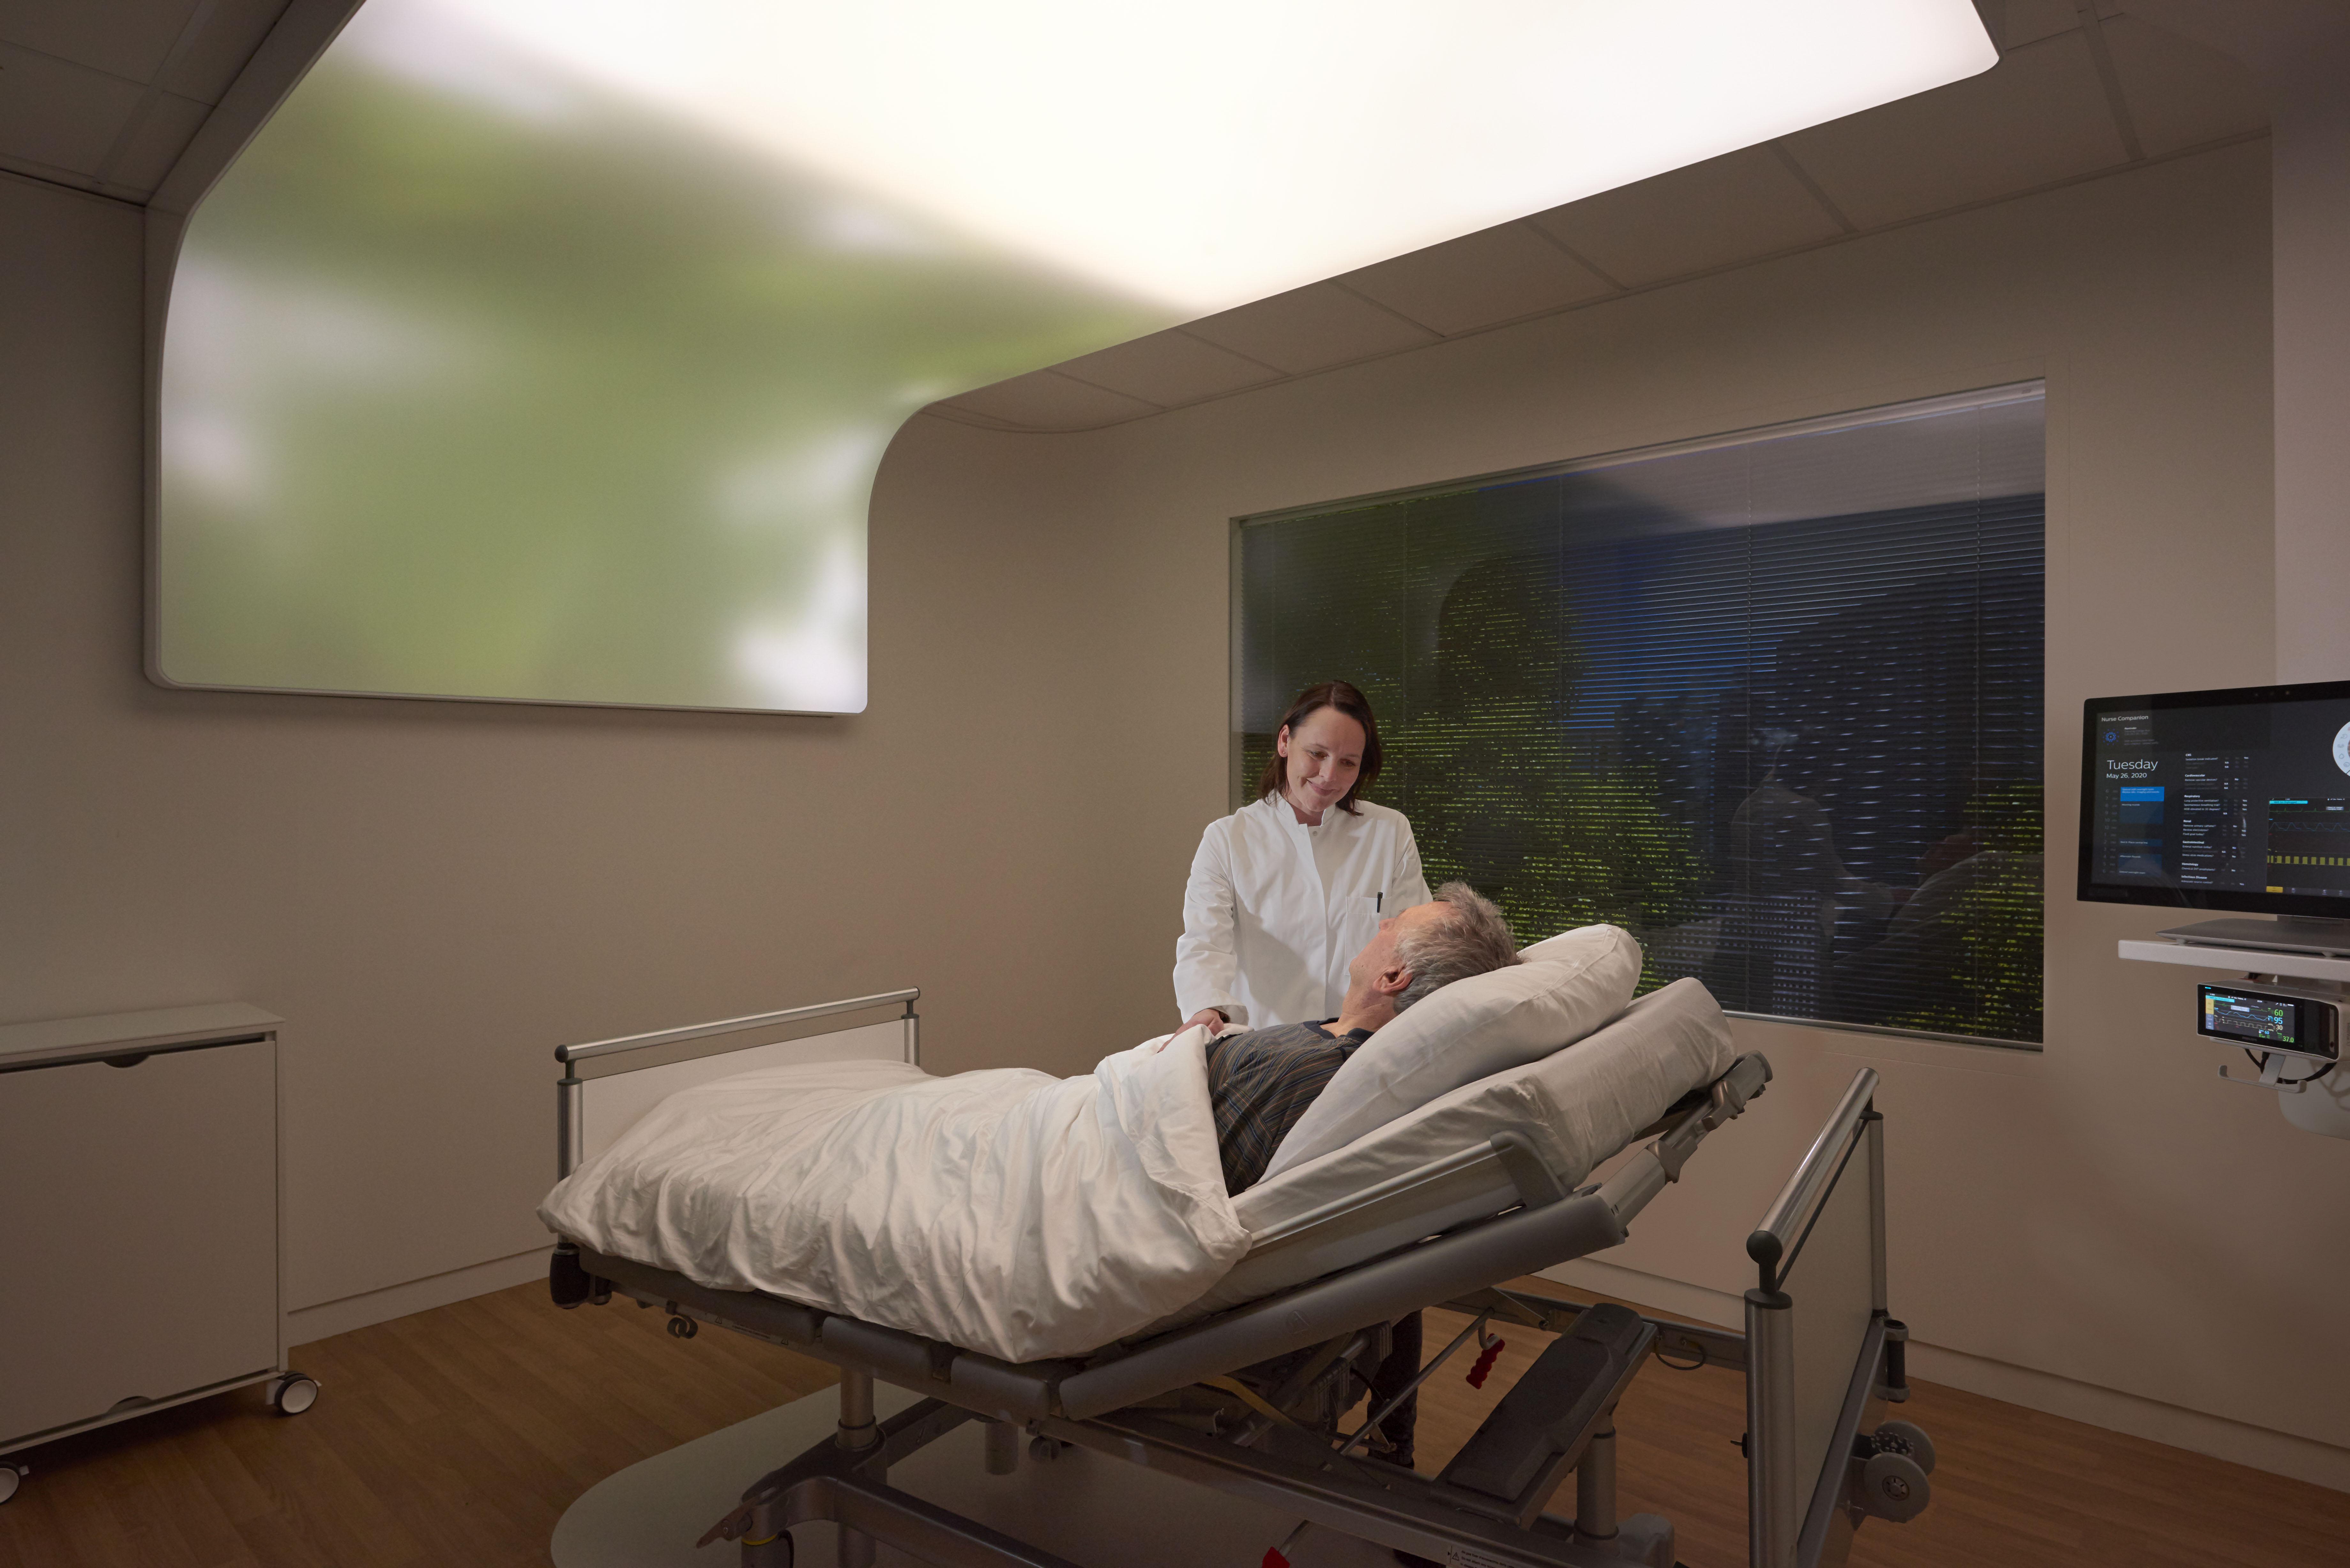 Philips introduces VitalMinds to prevent delirium in the ICU